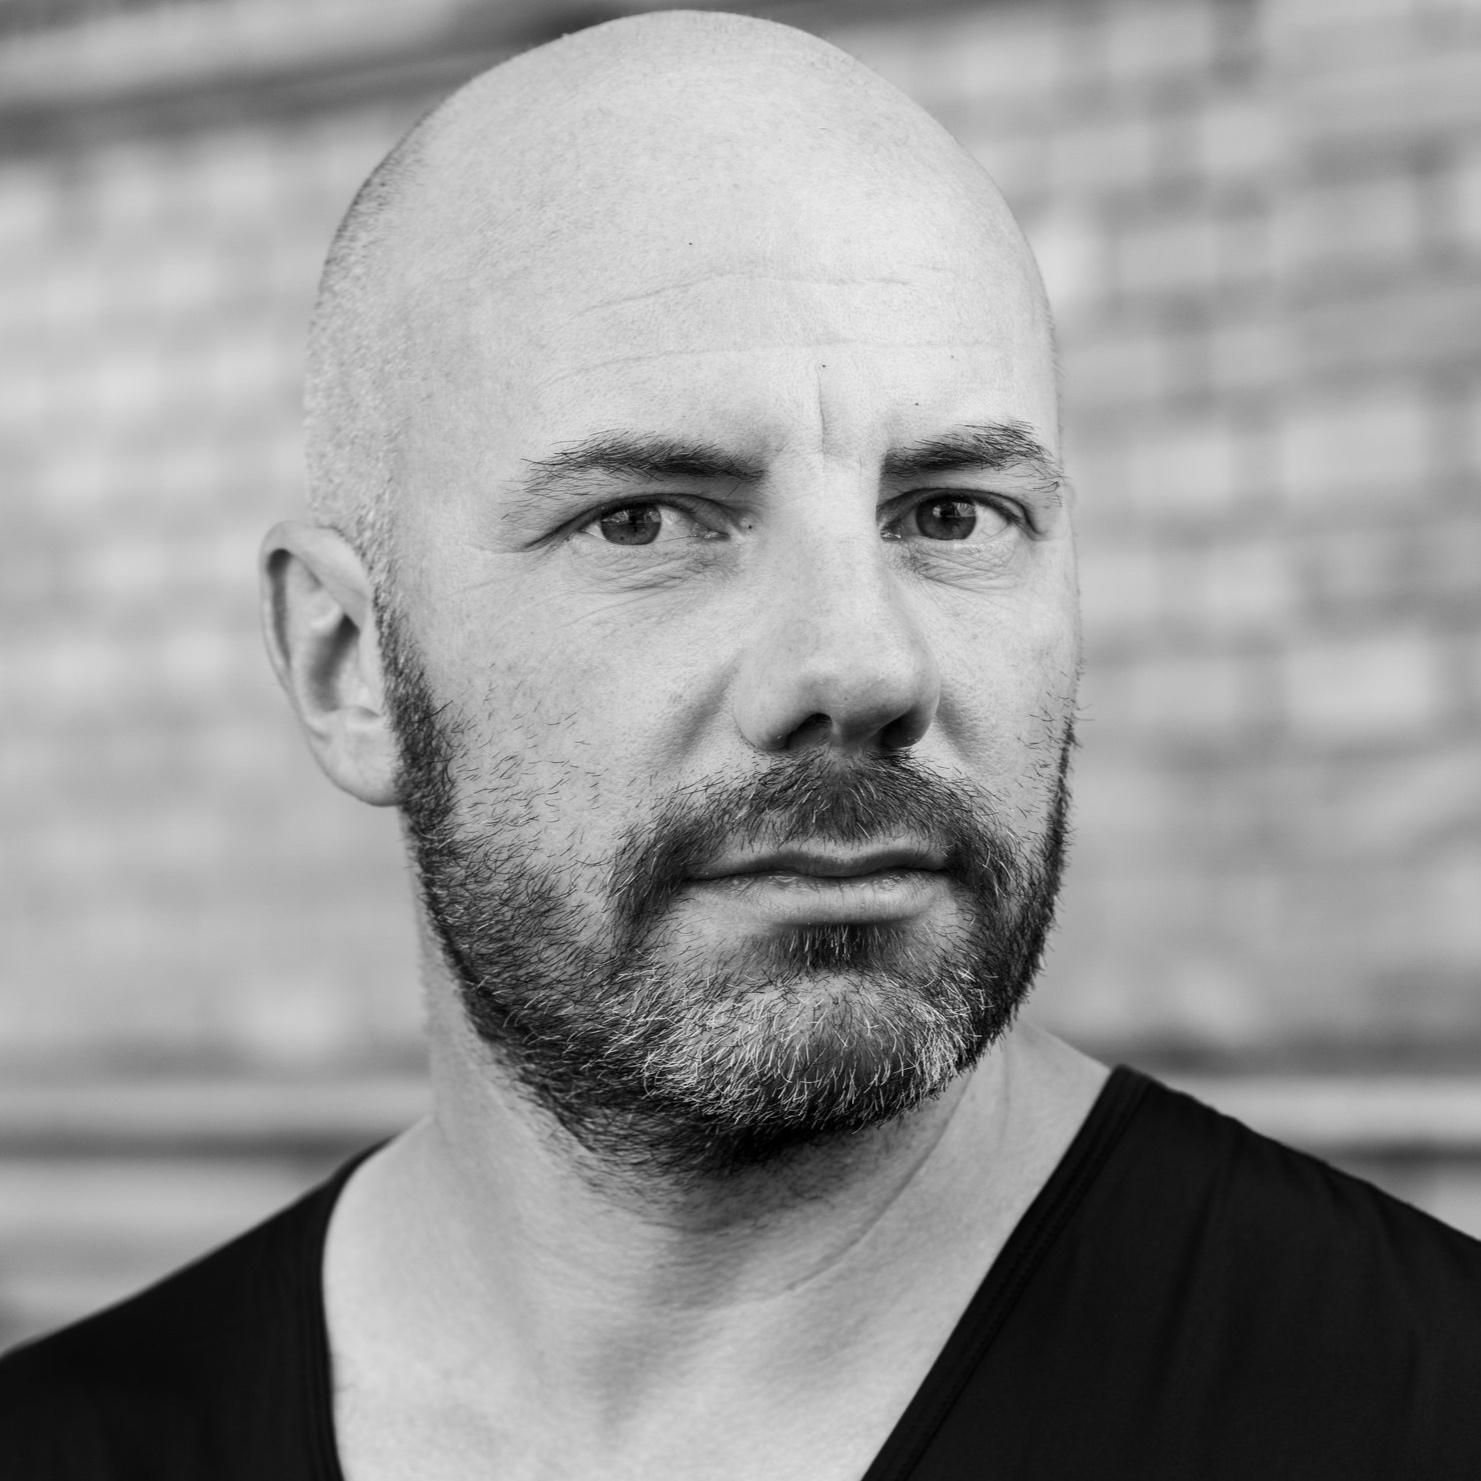 Daniel Wisser - ist Schriftsteller, literarischer Performer und Musiker.